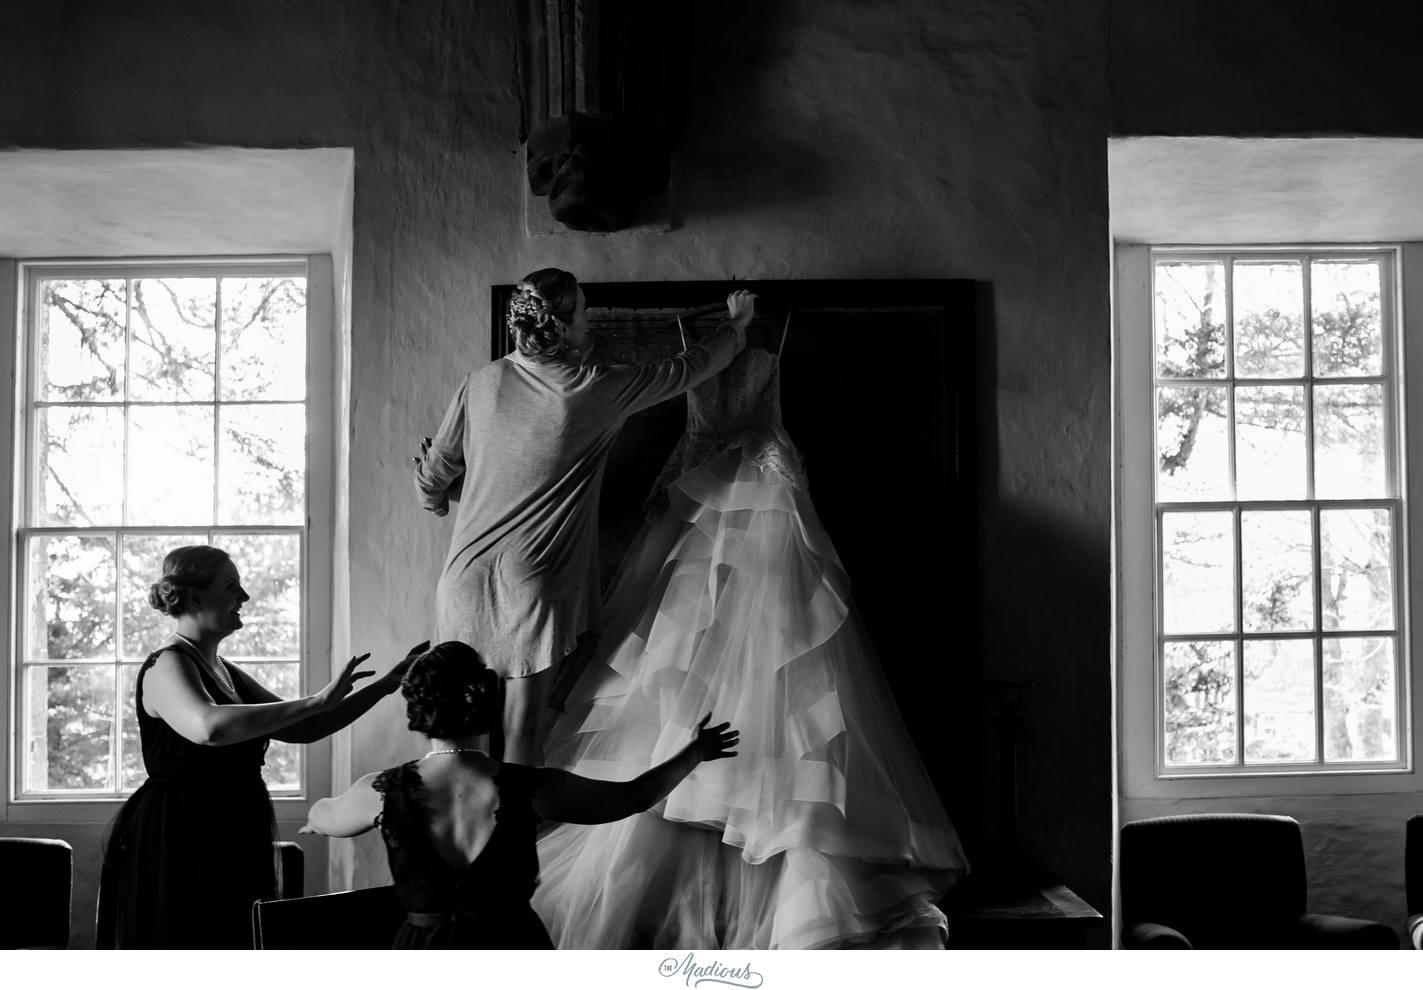 Balbegno_Dunnotar_Castle_Scottland_Wedding_22.jpg